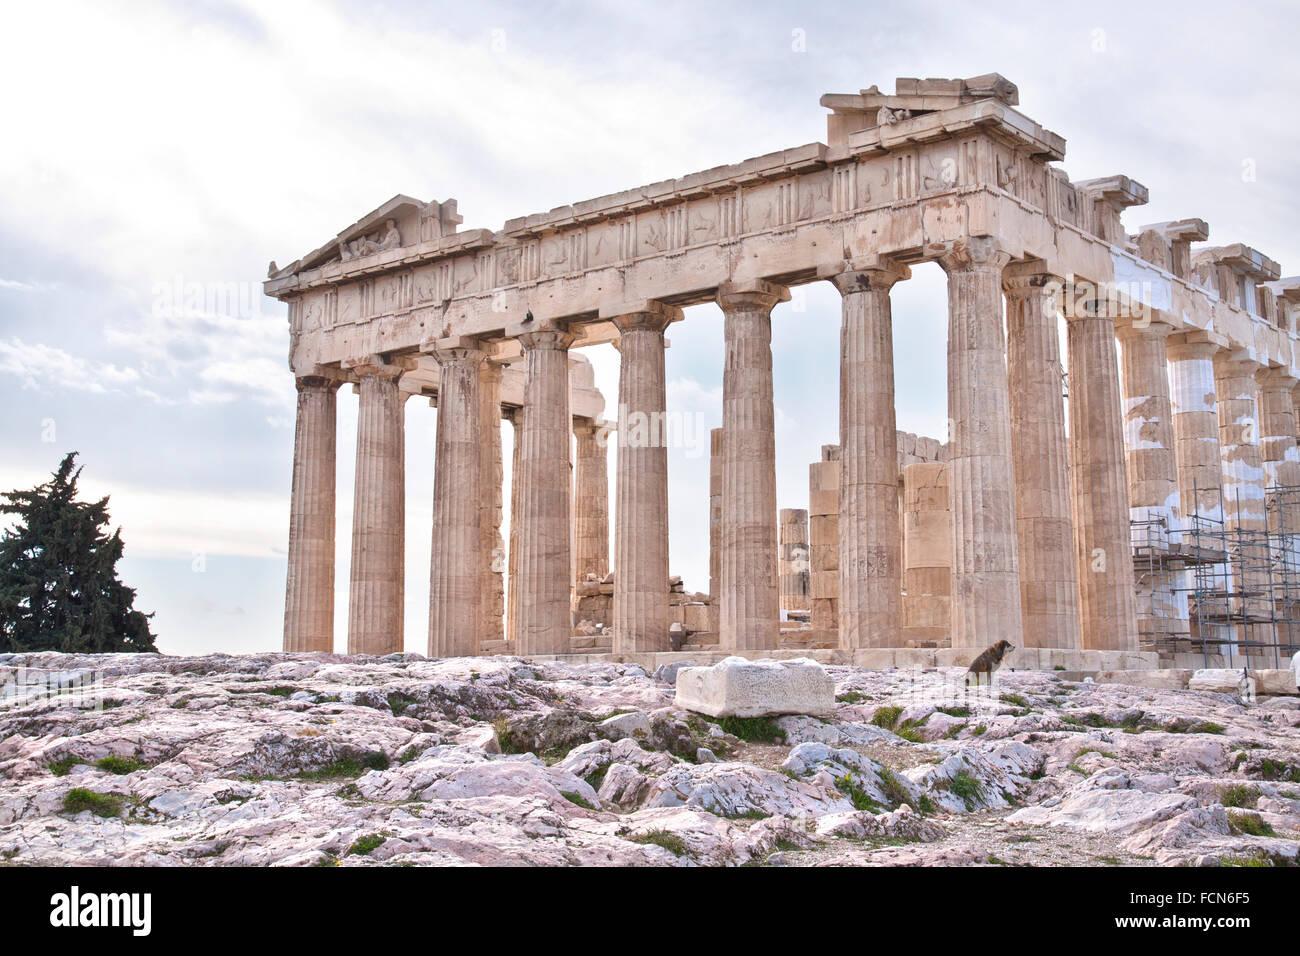 Le Parthénon est un ancien temple sur l'acropole d'Athènes, Grèce. Photo Stock